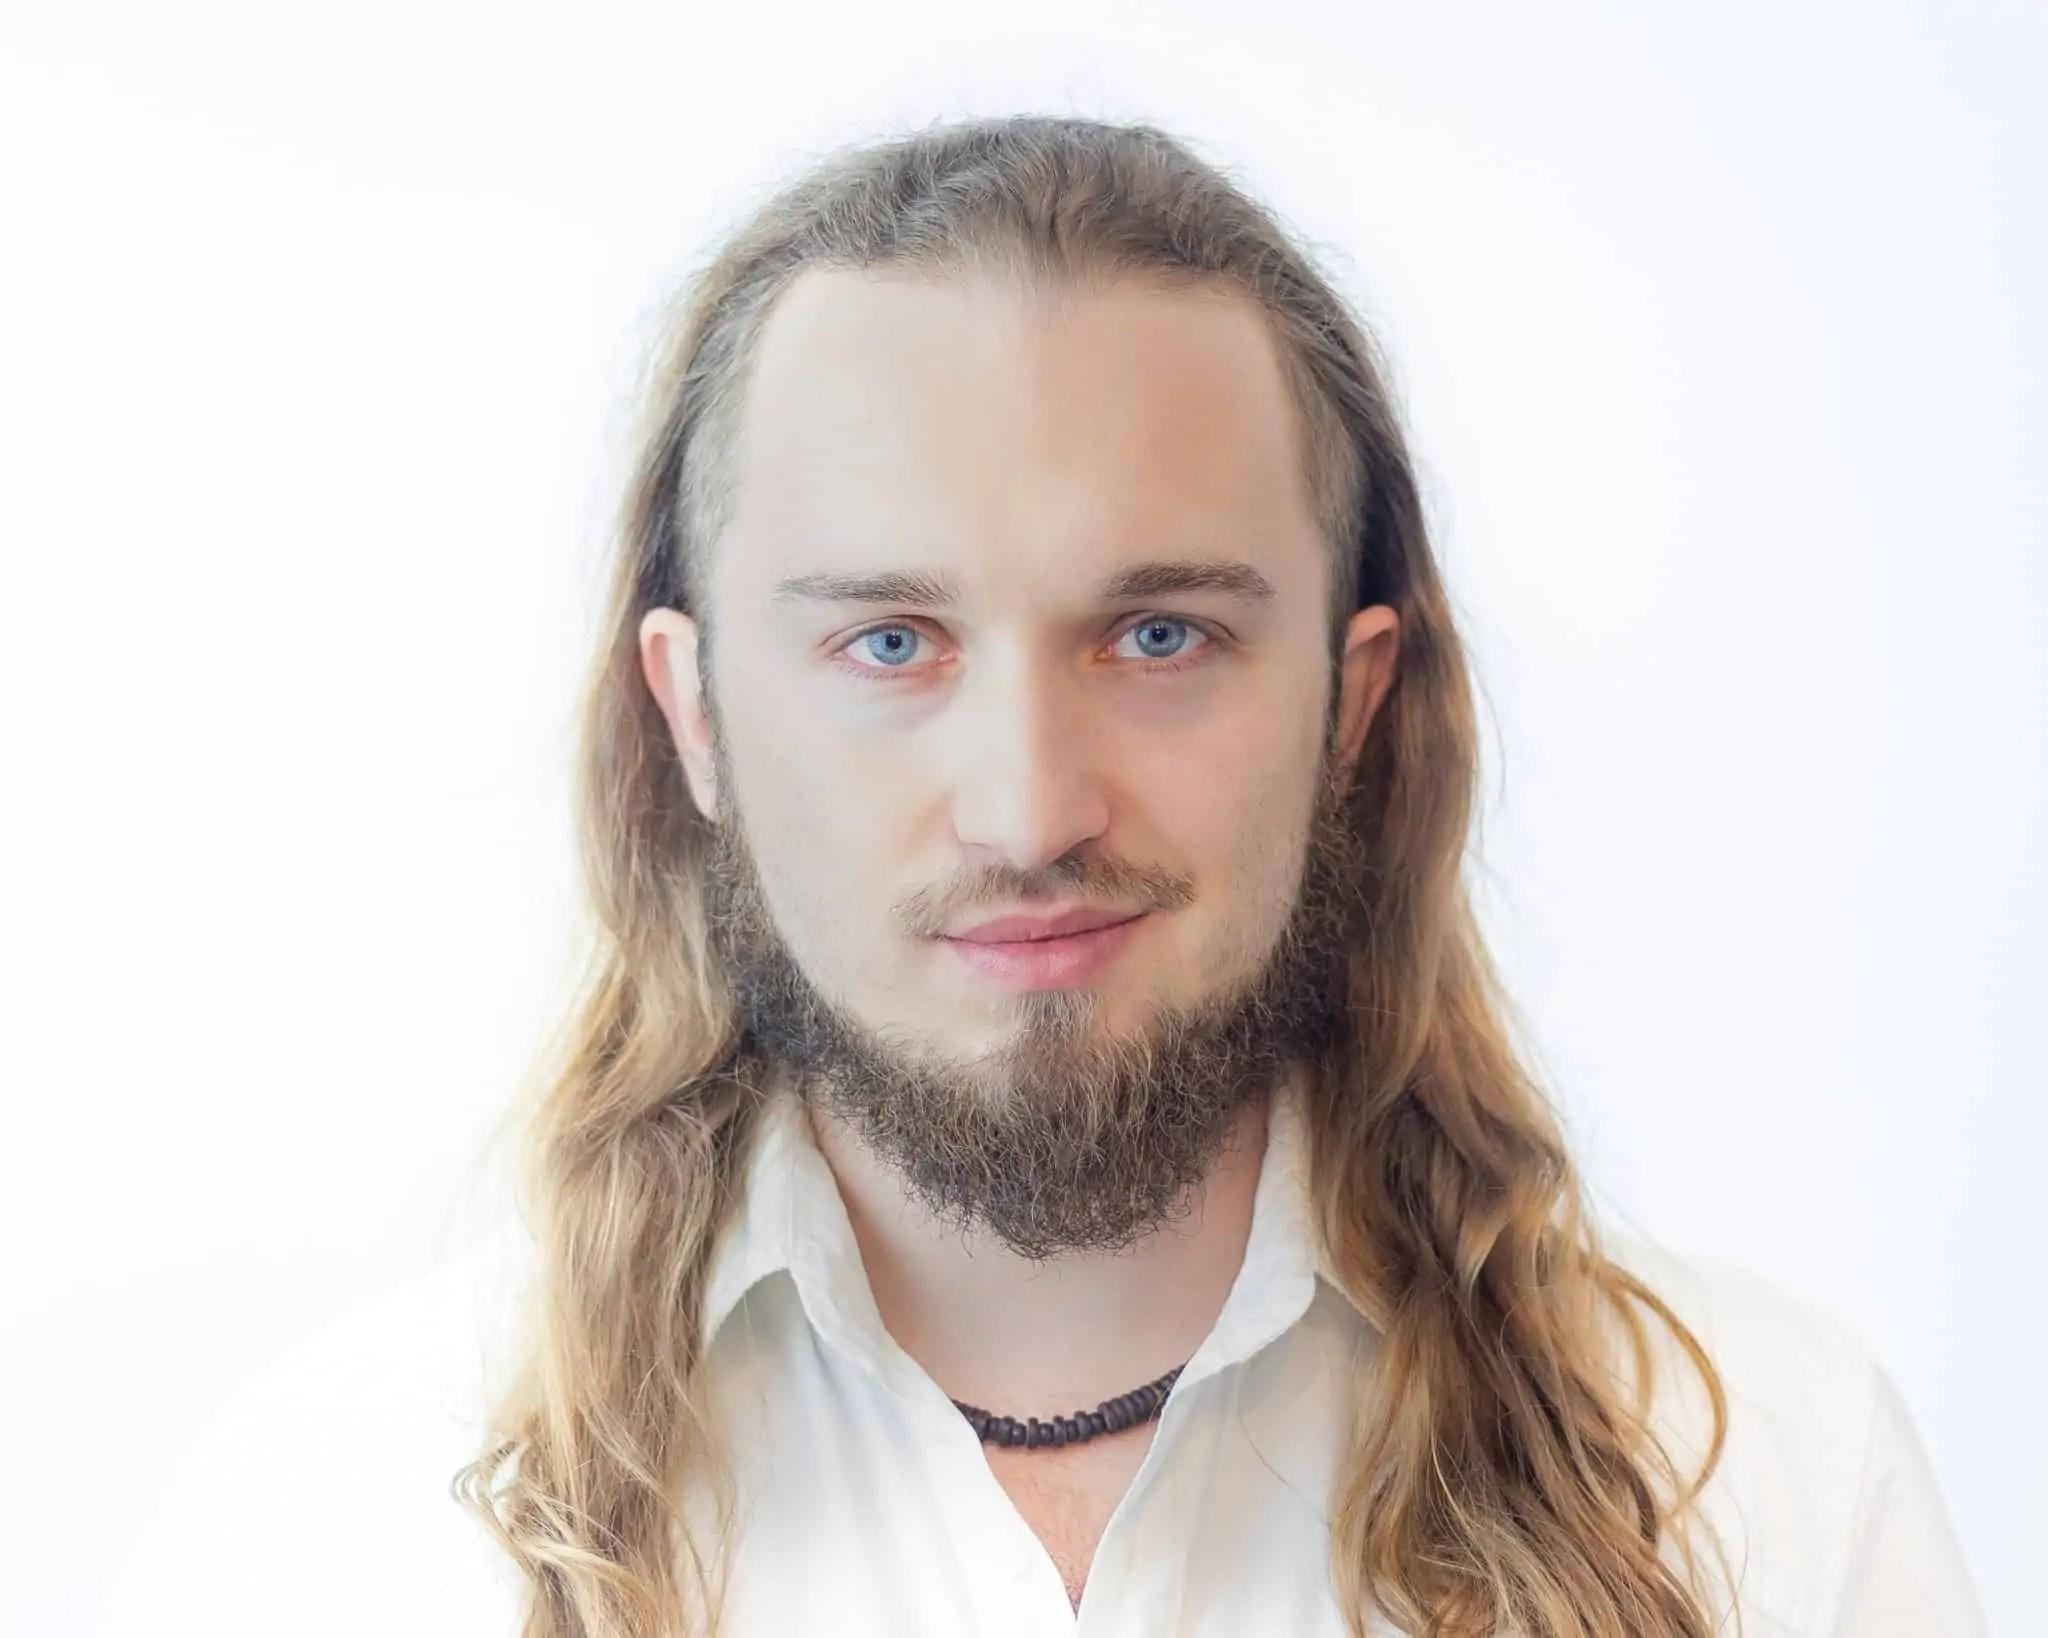 Biały portret Piotr Kowalski typ high key photography 1 pp scaled - Biały portret na białym tle